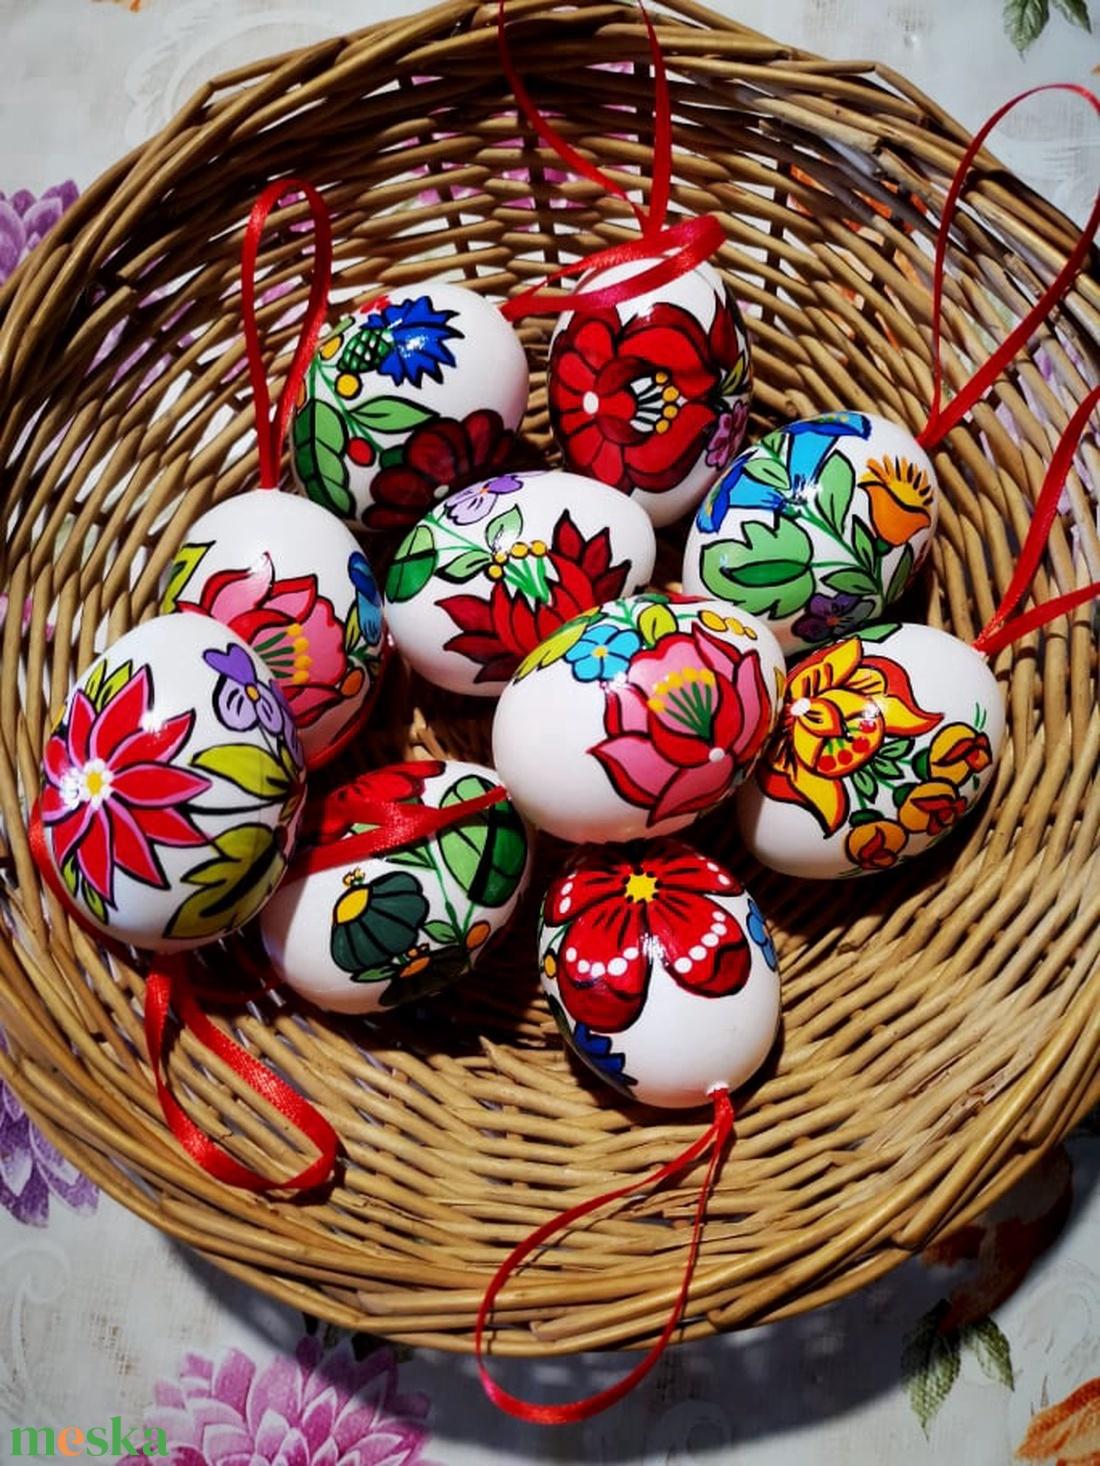 Kalocsai kézzel festett müanyag tojás .10 db . (bartokaniko) - Meska.hu